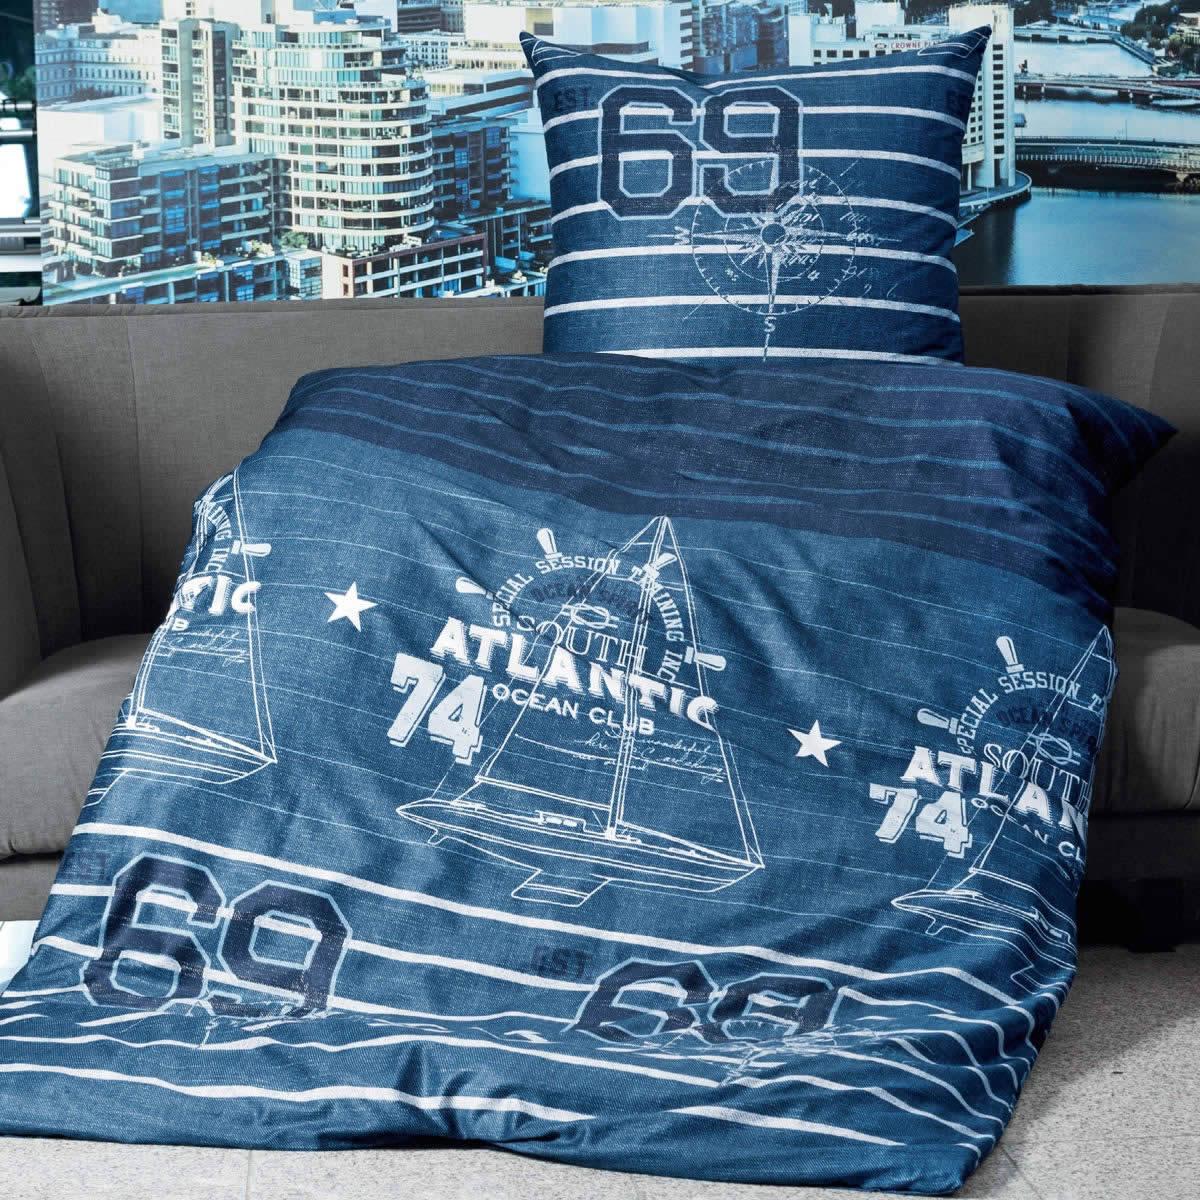 Janine Mako Satin Bettwäsche Jd 87027 02 Blau Marine Weiß Maritim